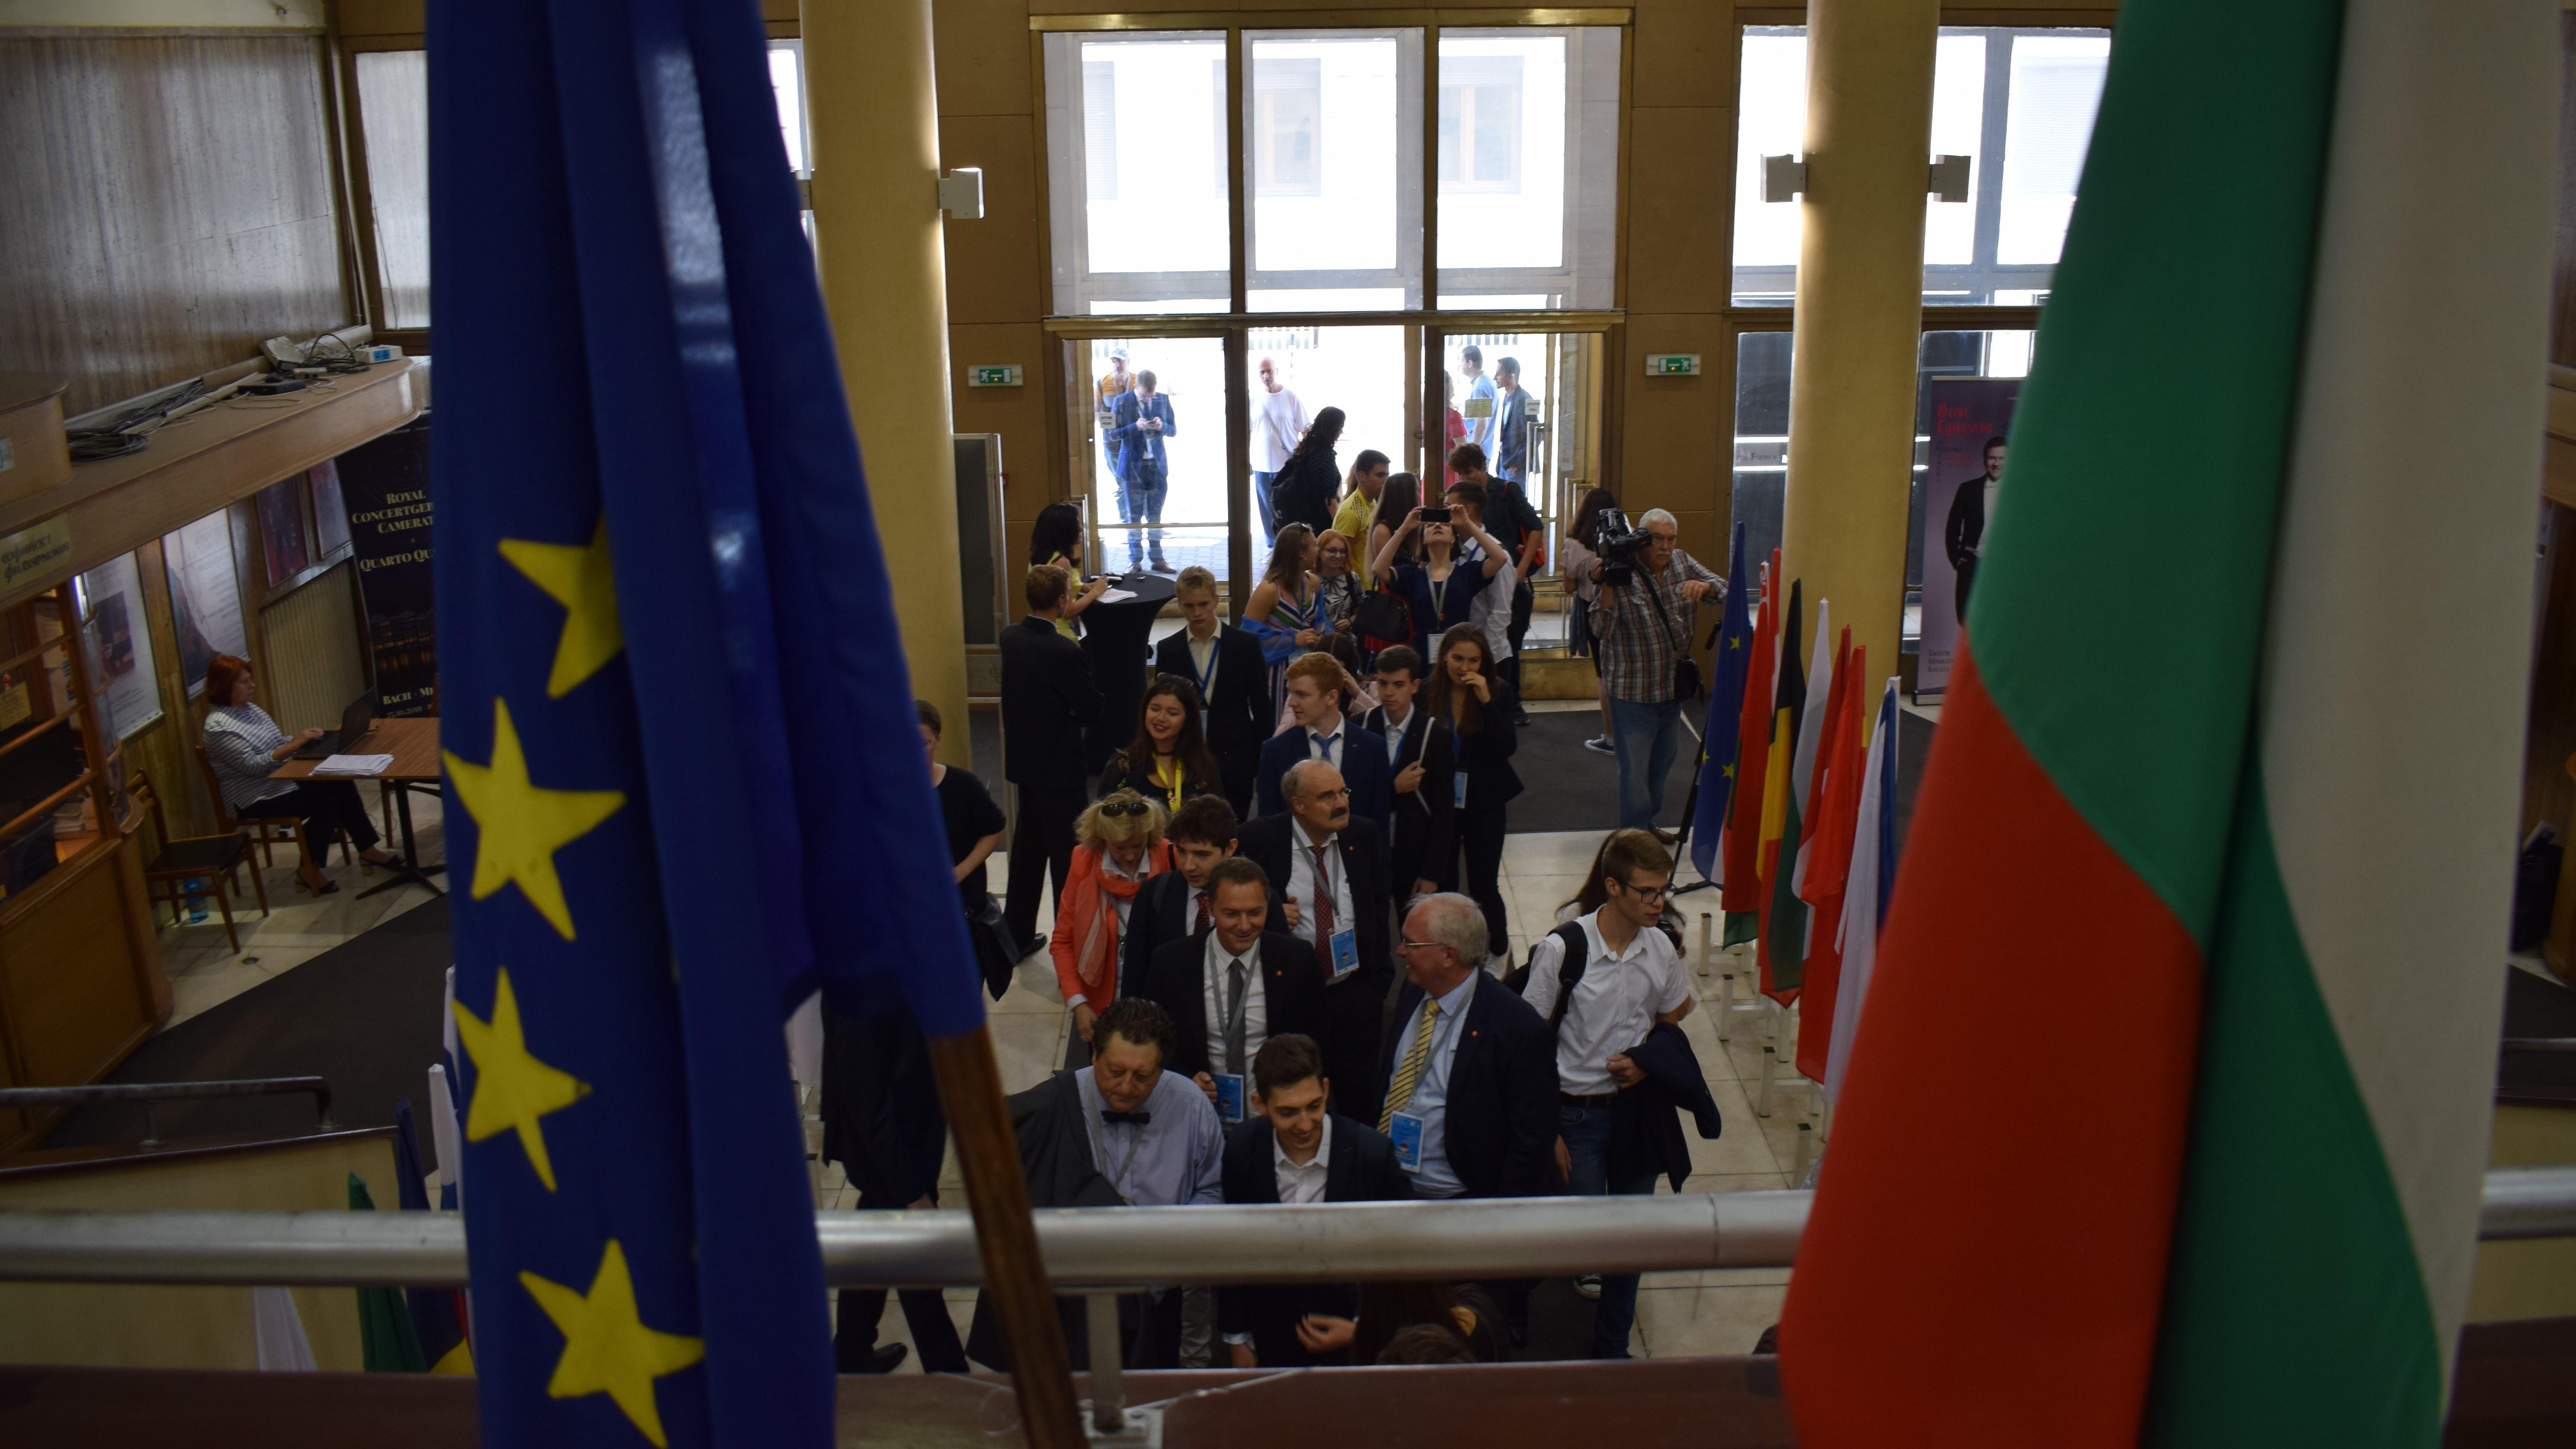 Български млади учени спечелиха 2 награди от най-престижния конкурс на Европа EUCYS 2019  (снимки)